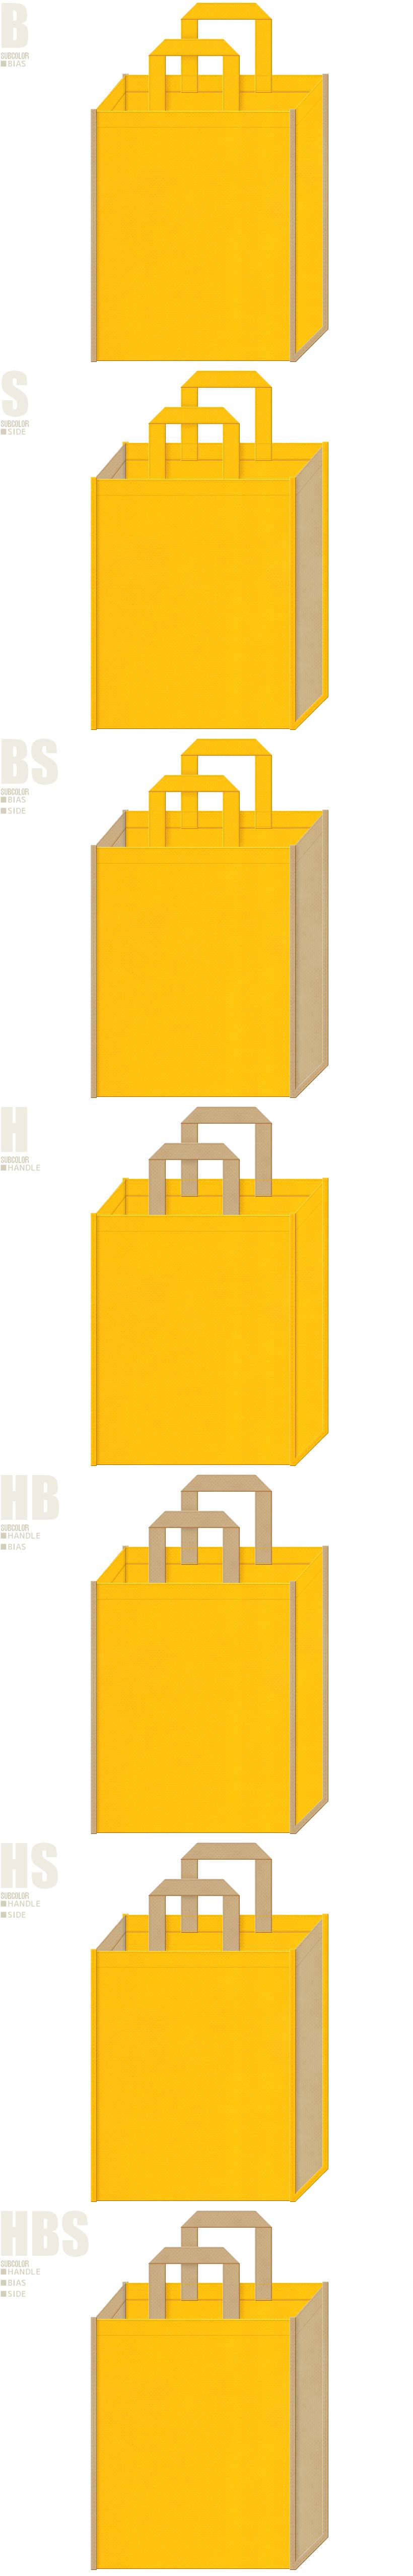 日曜大工・木工・DIYイベントにお奨めの不織布バッグデザイン:黄色とカーキ色の配色7パターン